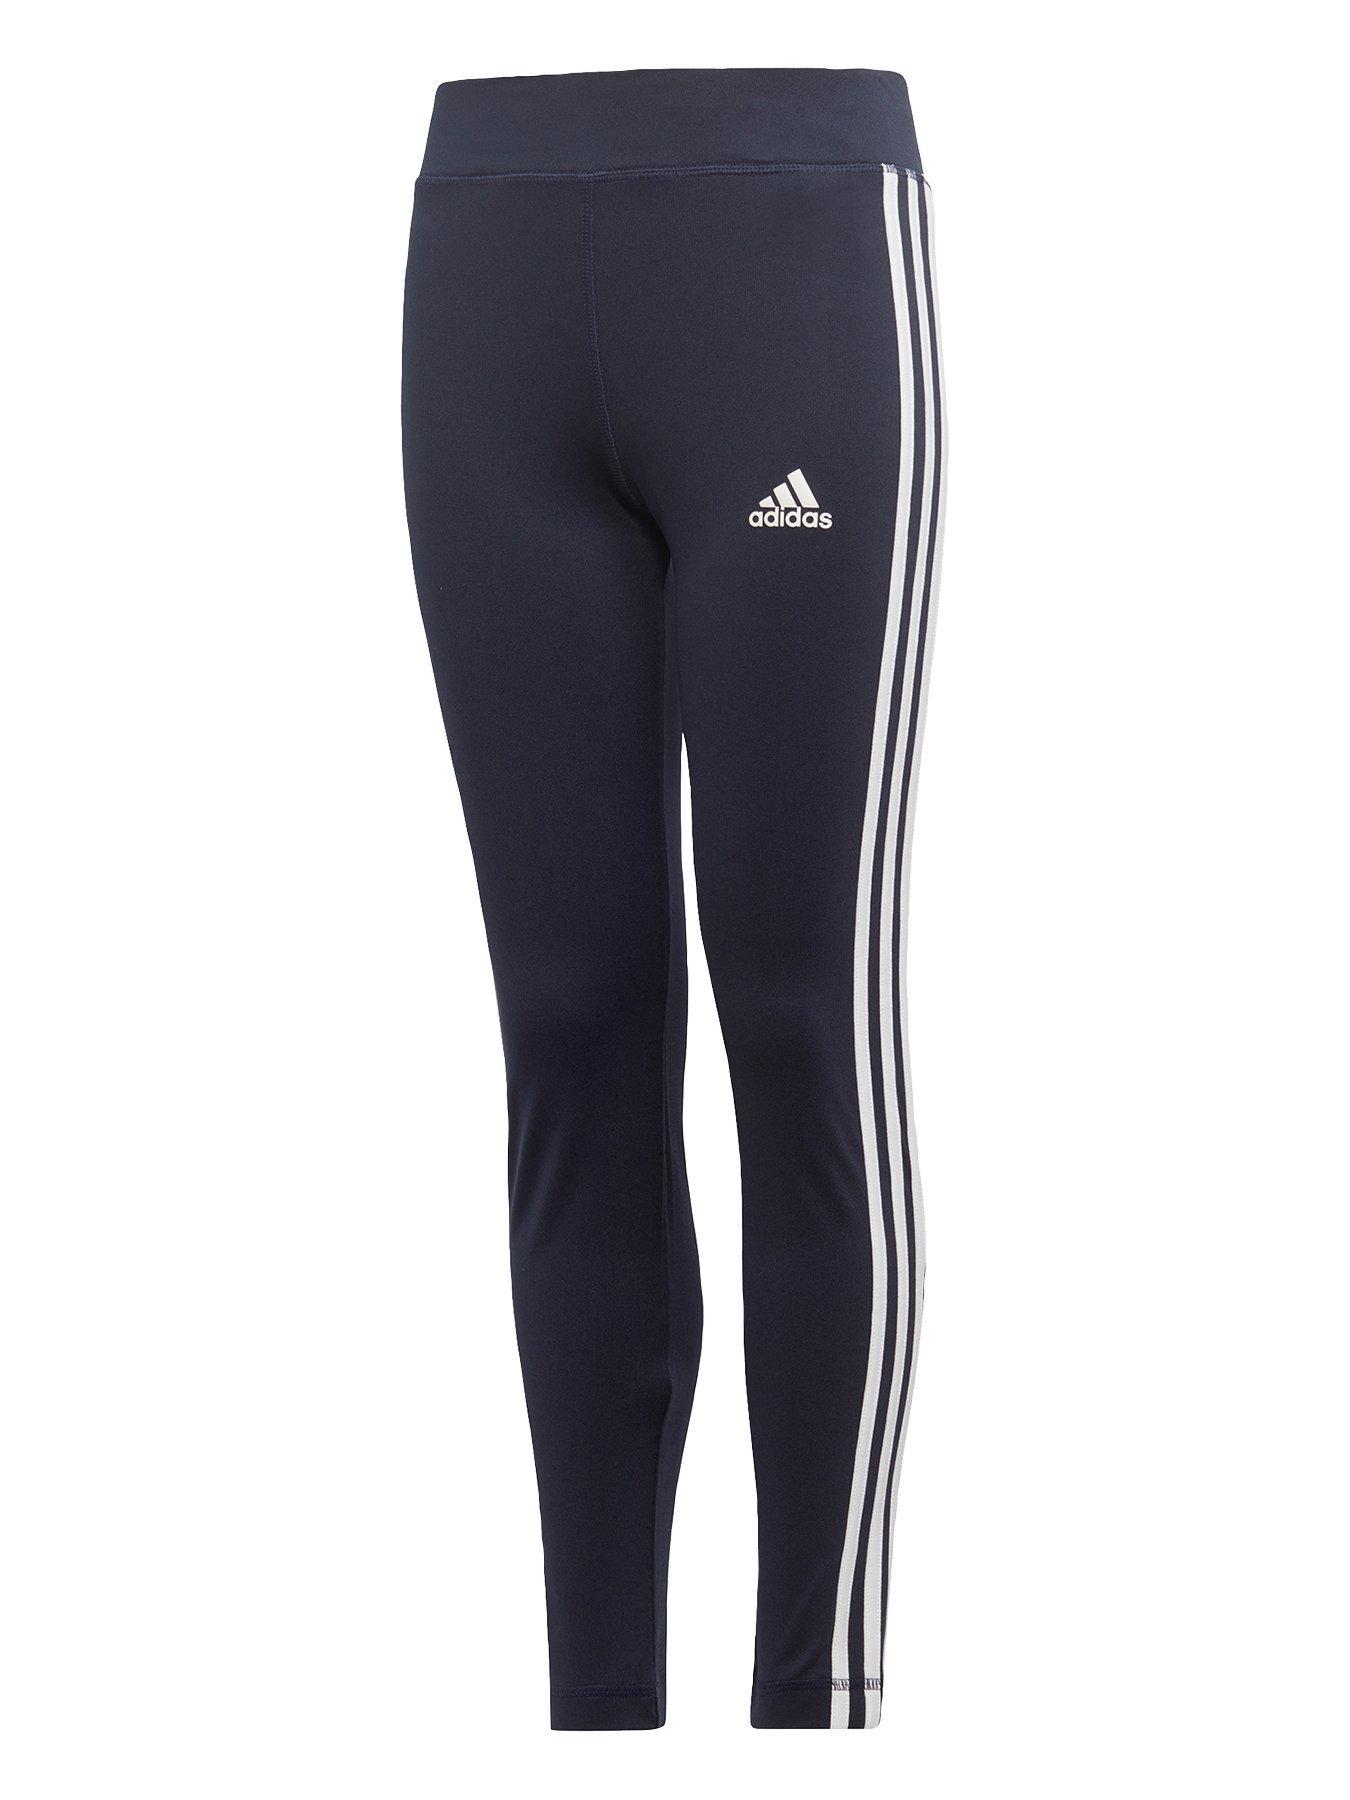 Adidas Originals Boy Fleece Camo Track Pant Junior Trefoil Camouflage Youth Hose